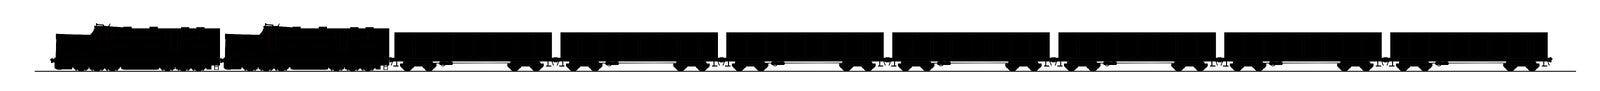 Trem de carvão ilustração do vetor